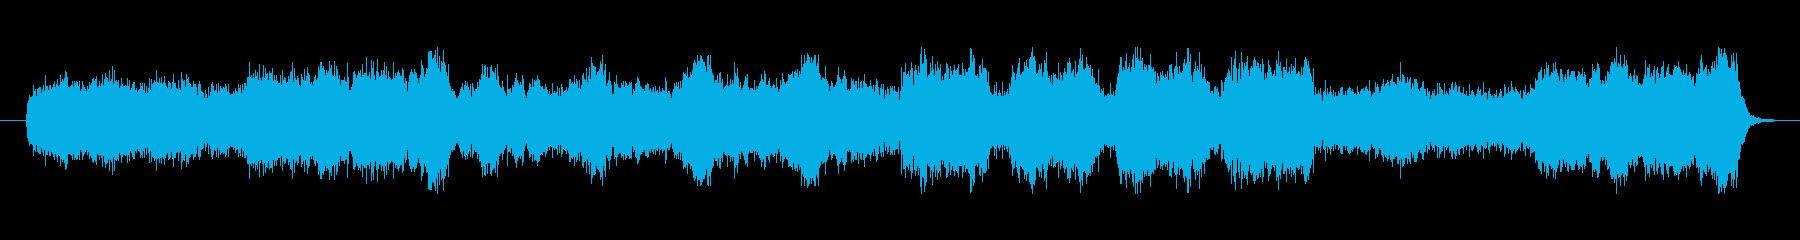 壮大で響きが特徴的なメロディーの再生済みの波形